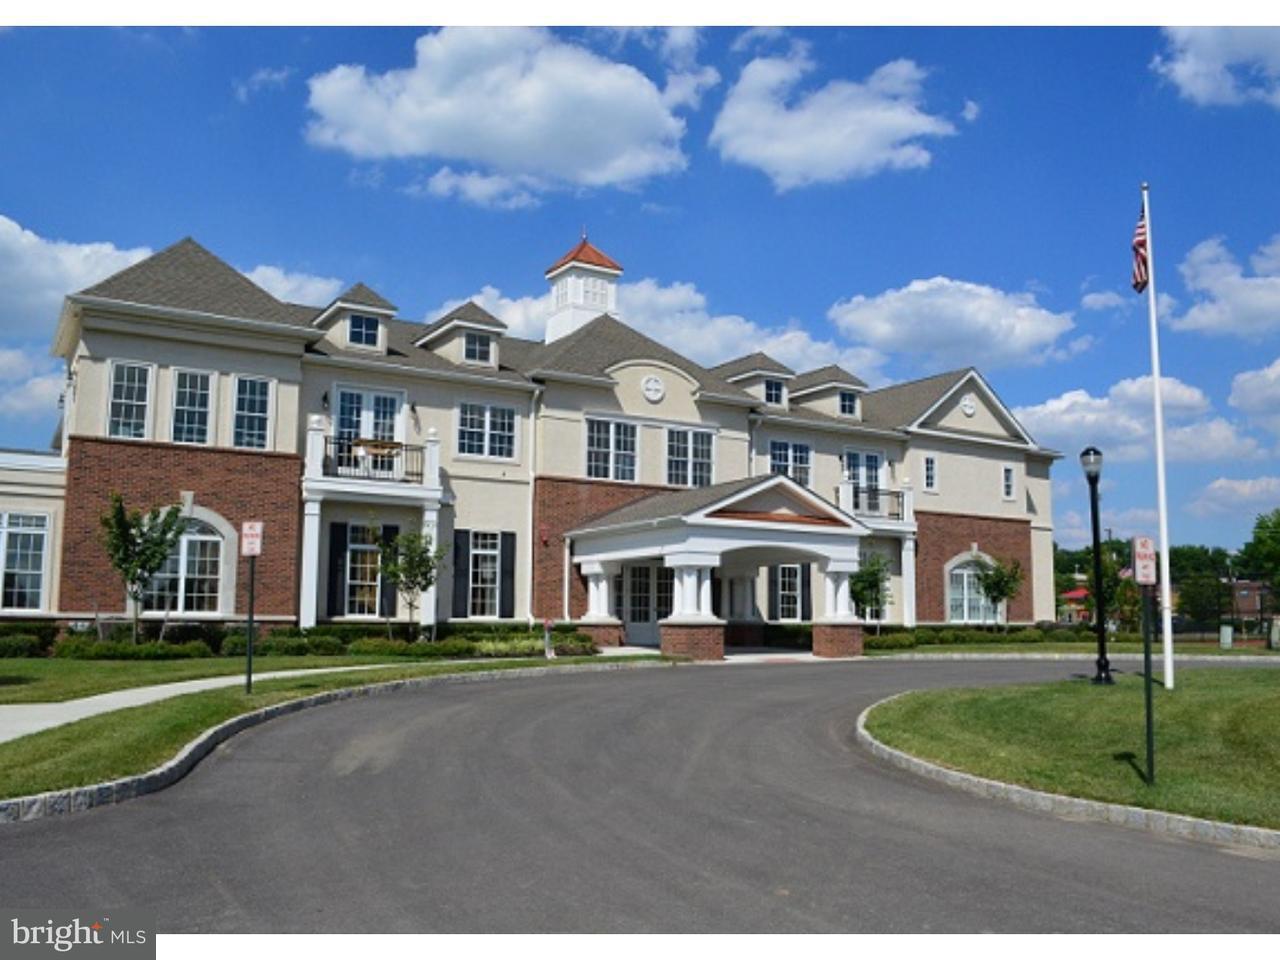 独户住宅 为 出租 在 529 GARDEN PARK BLVD #529 Cherry Hill, 新泽西州 08002 美国